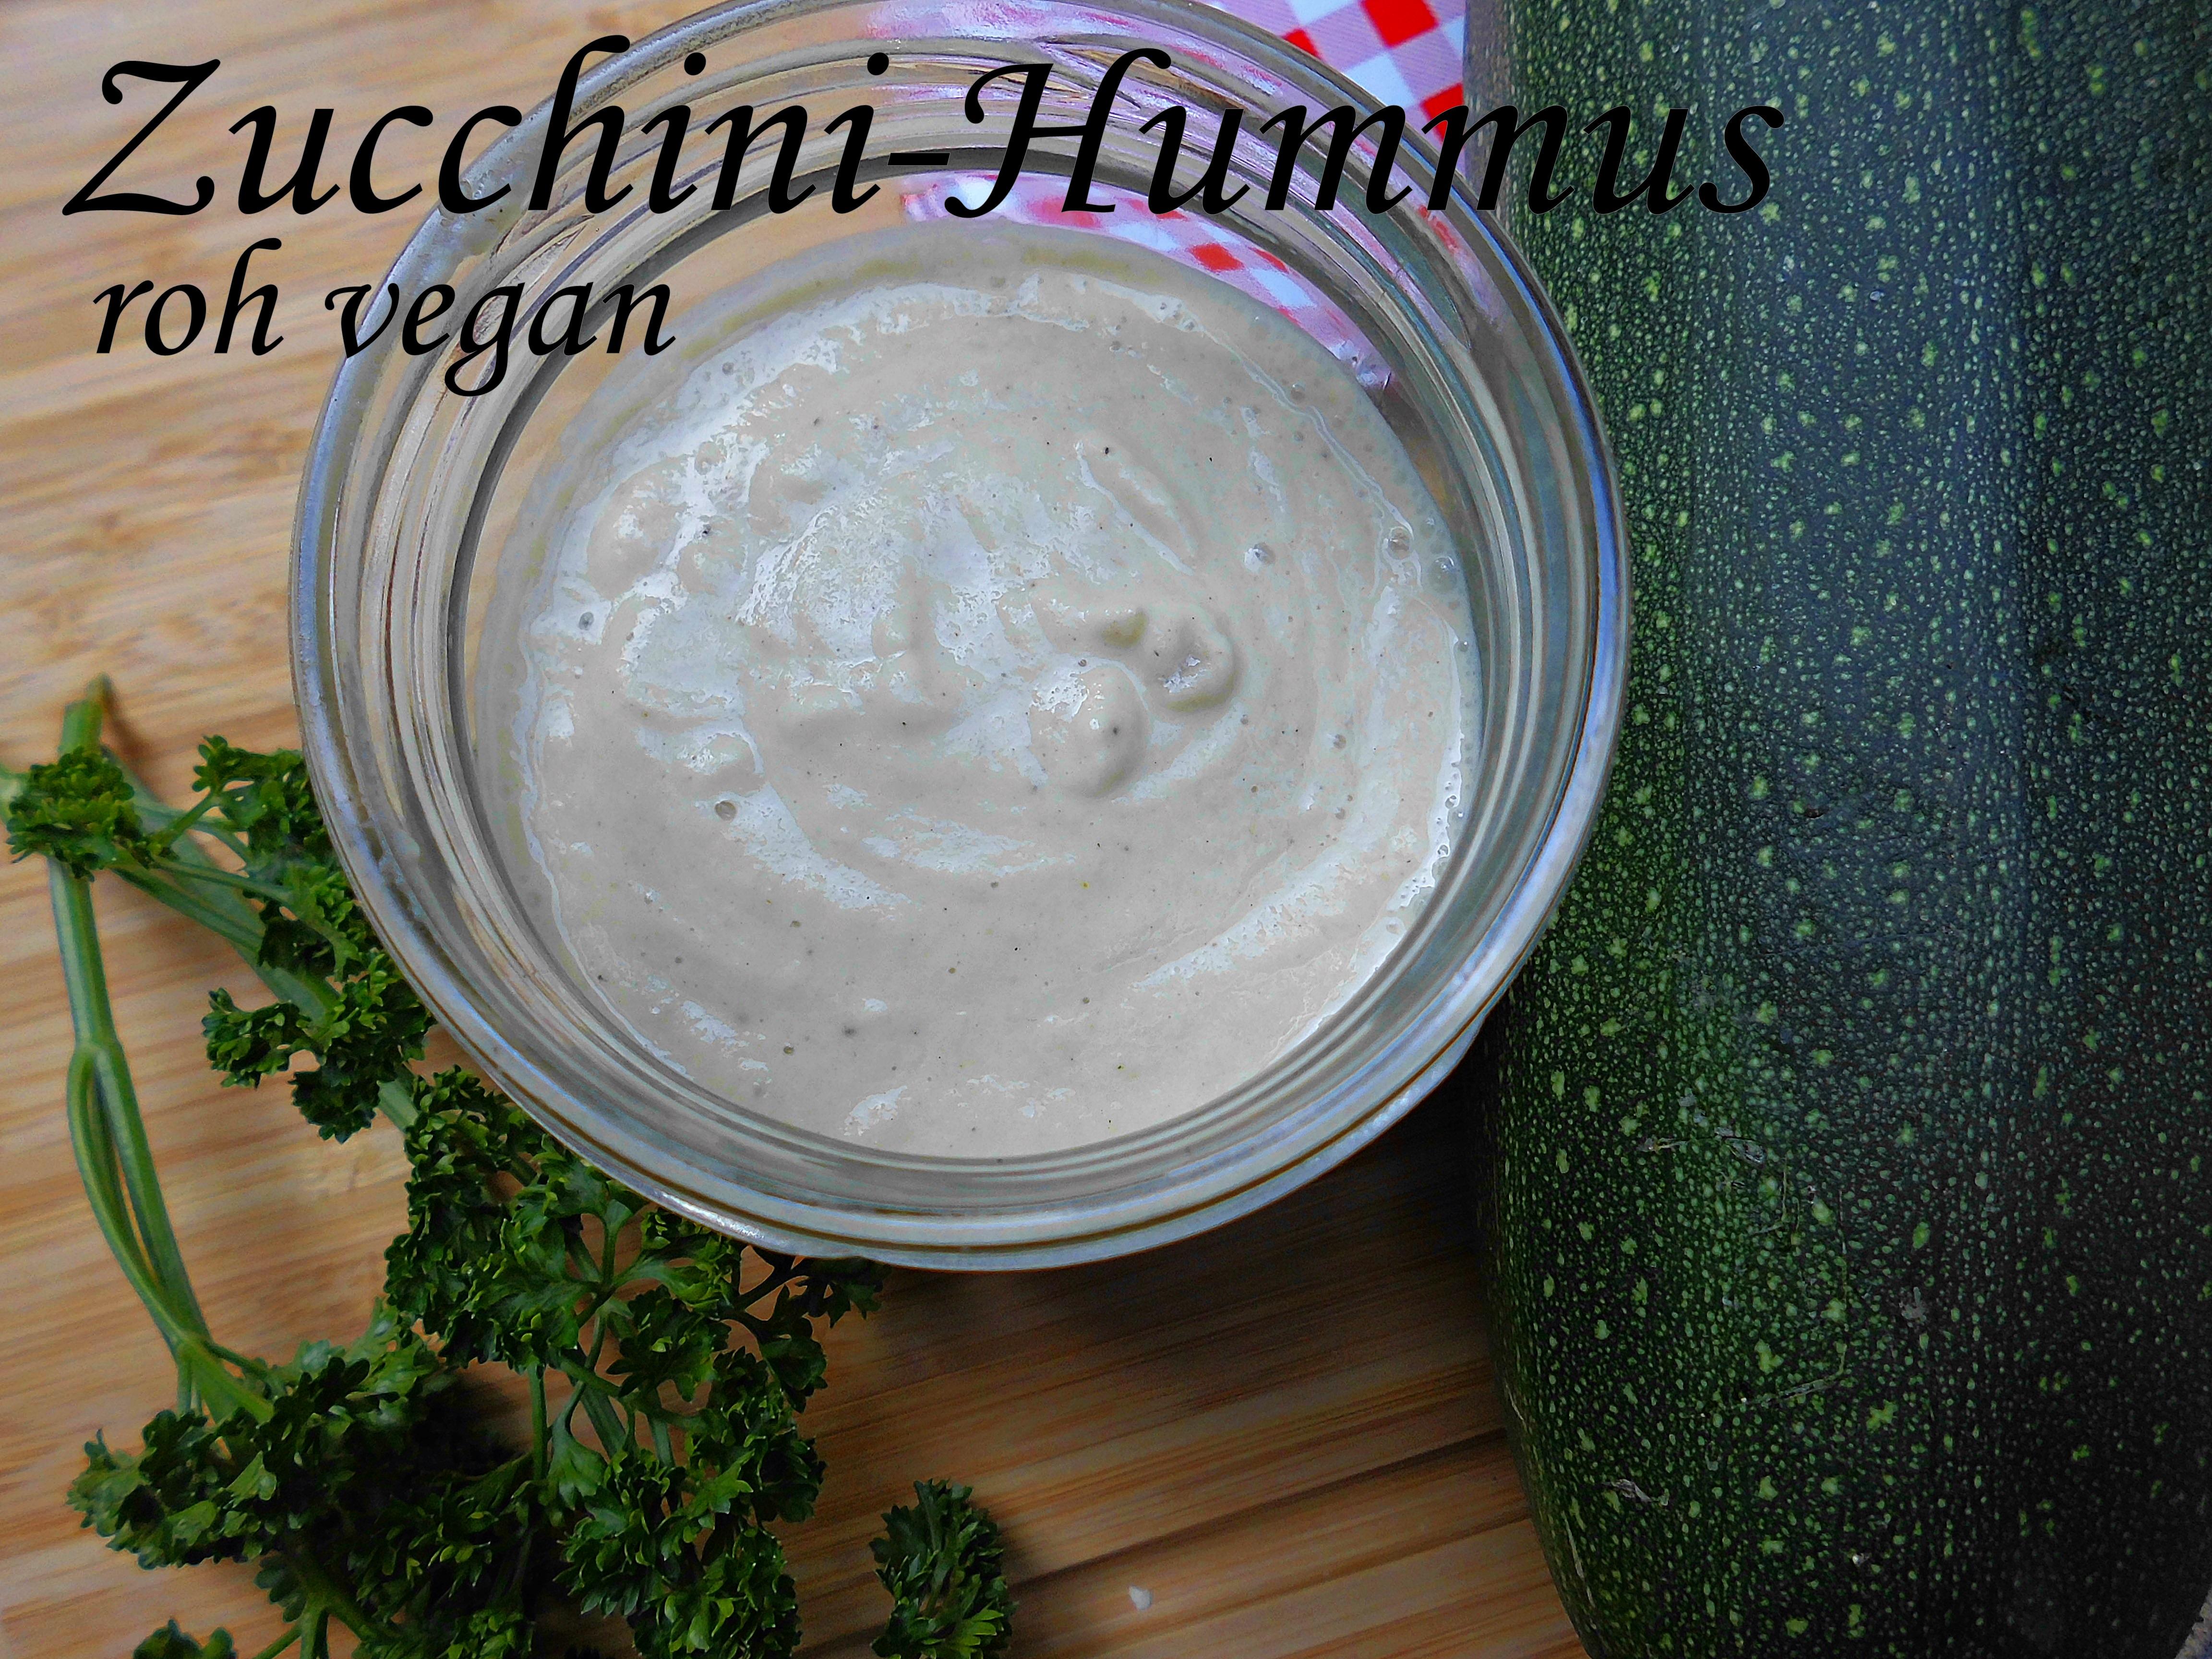 zucchini-hummus – nordisch roh